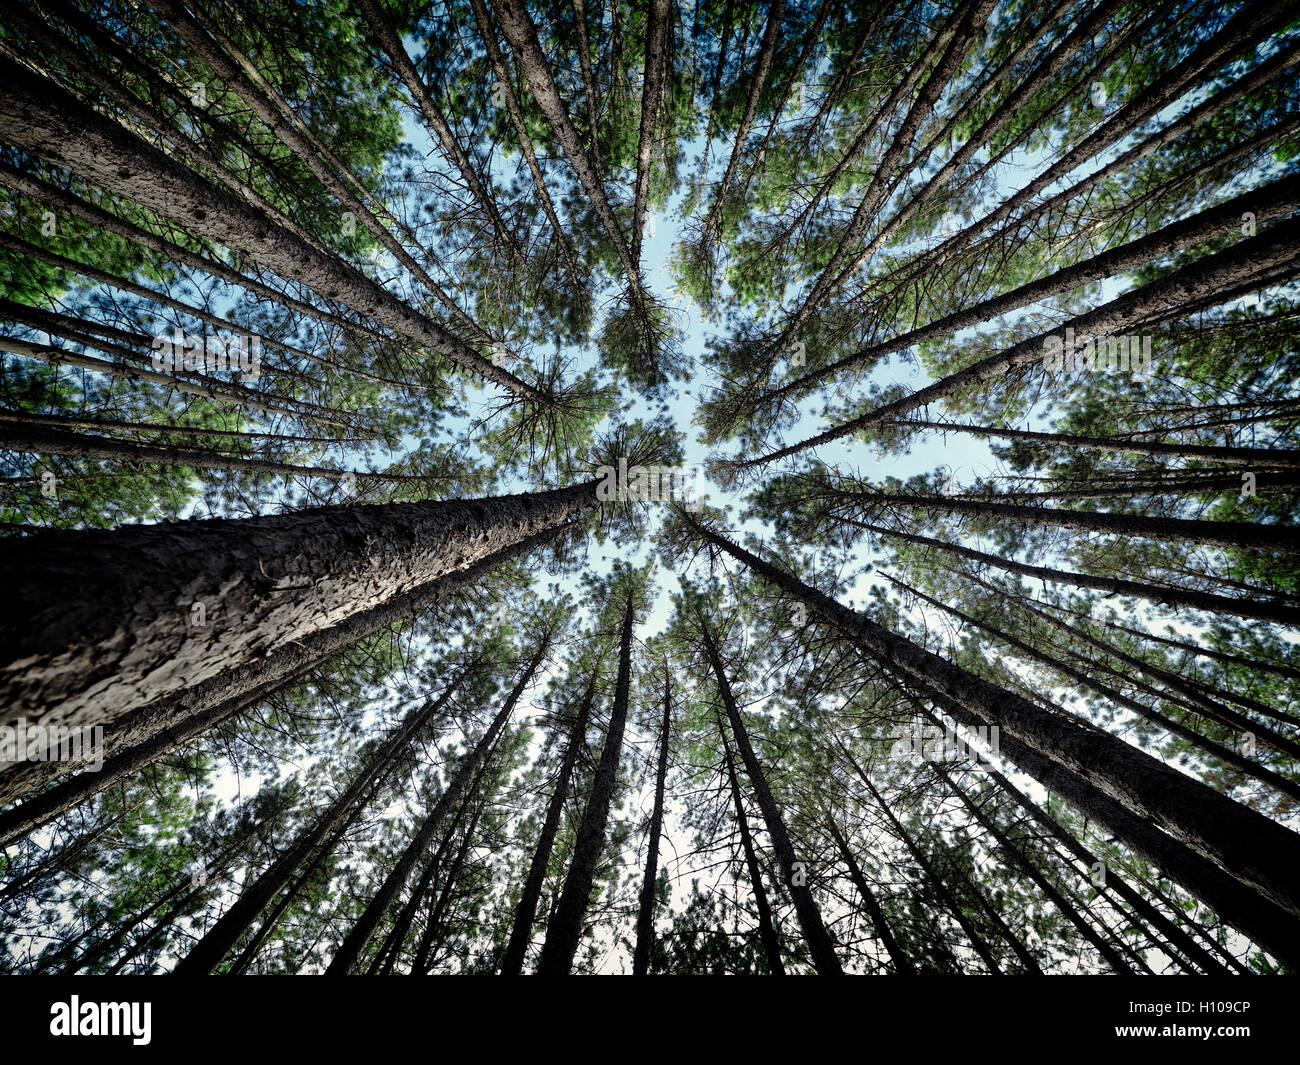 Künstlerische abstraktes Bild von hohen Pinien Wald Baumkronen über blauer Himmel, Muskoka, Ontario, Kanada Stockfoto